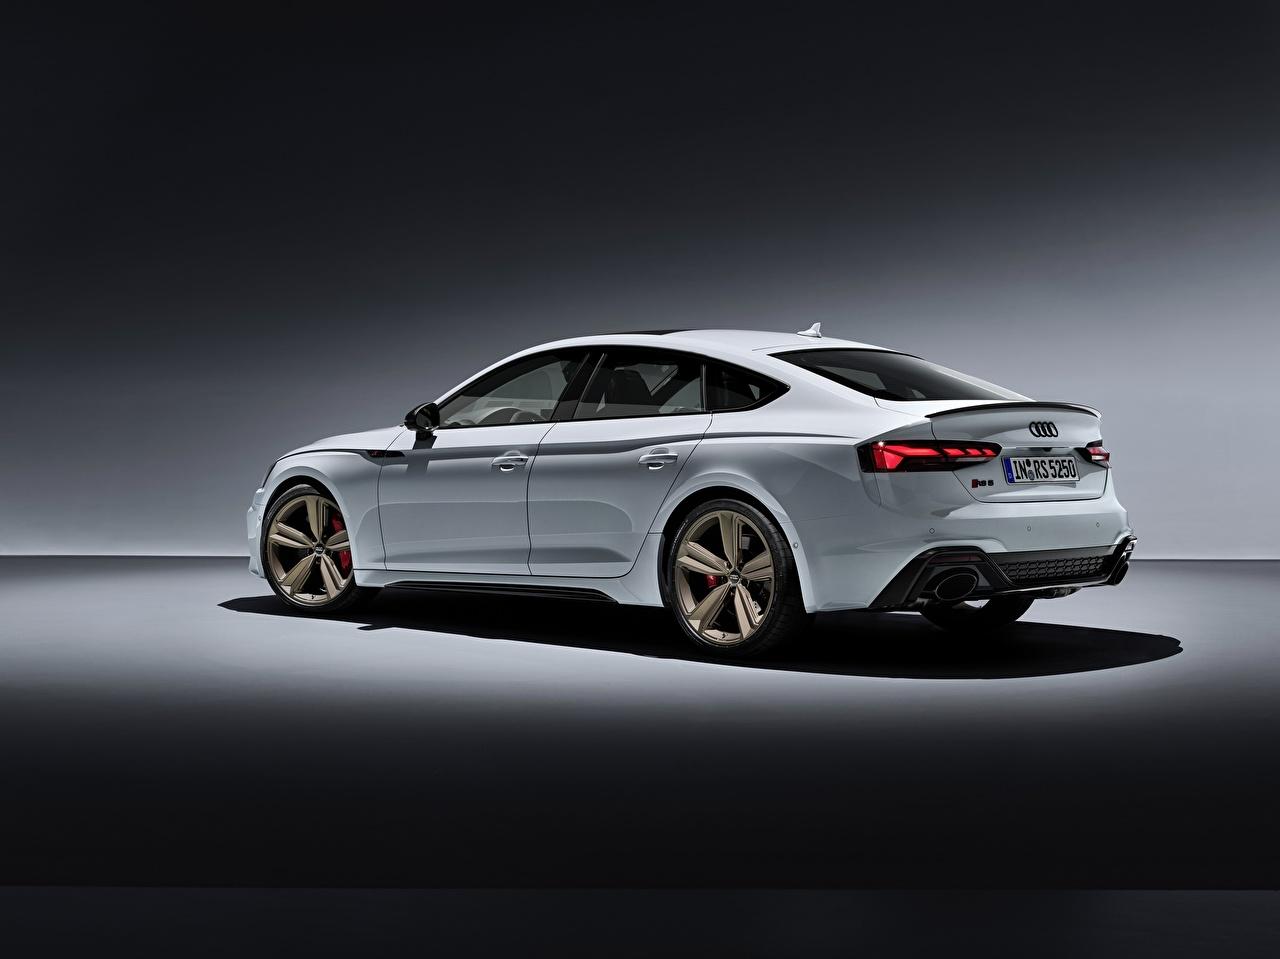 壁紙 アウディ Rs5 Sportback Rs 5 2020 白 メタリック塗 側面